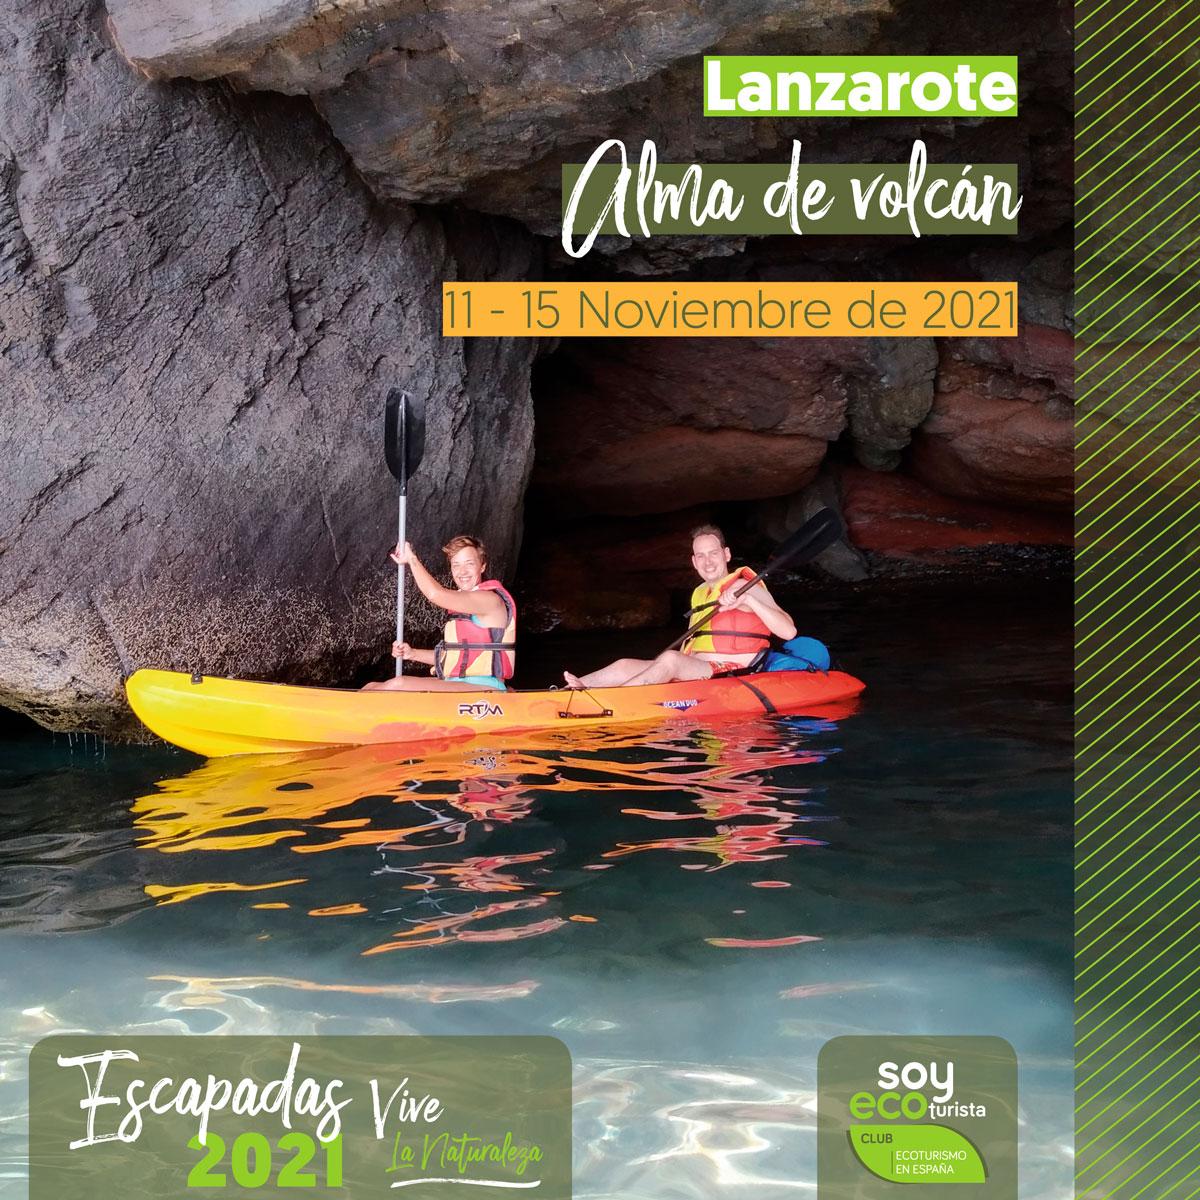 Escapada de ecoturismo en noviembre a Lanzarote